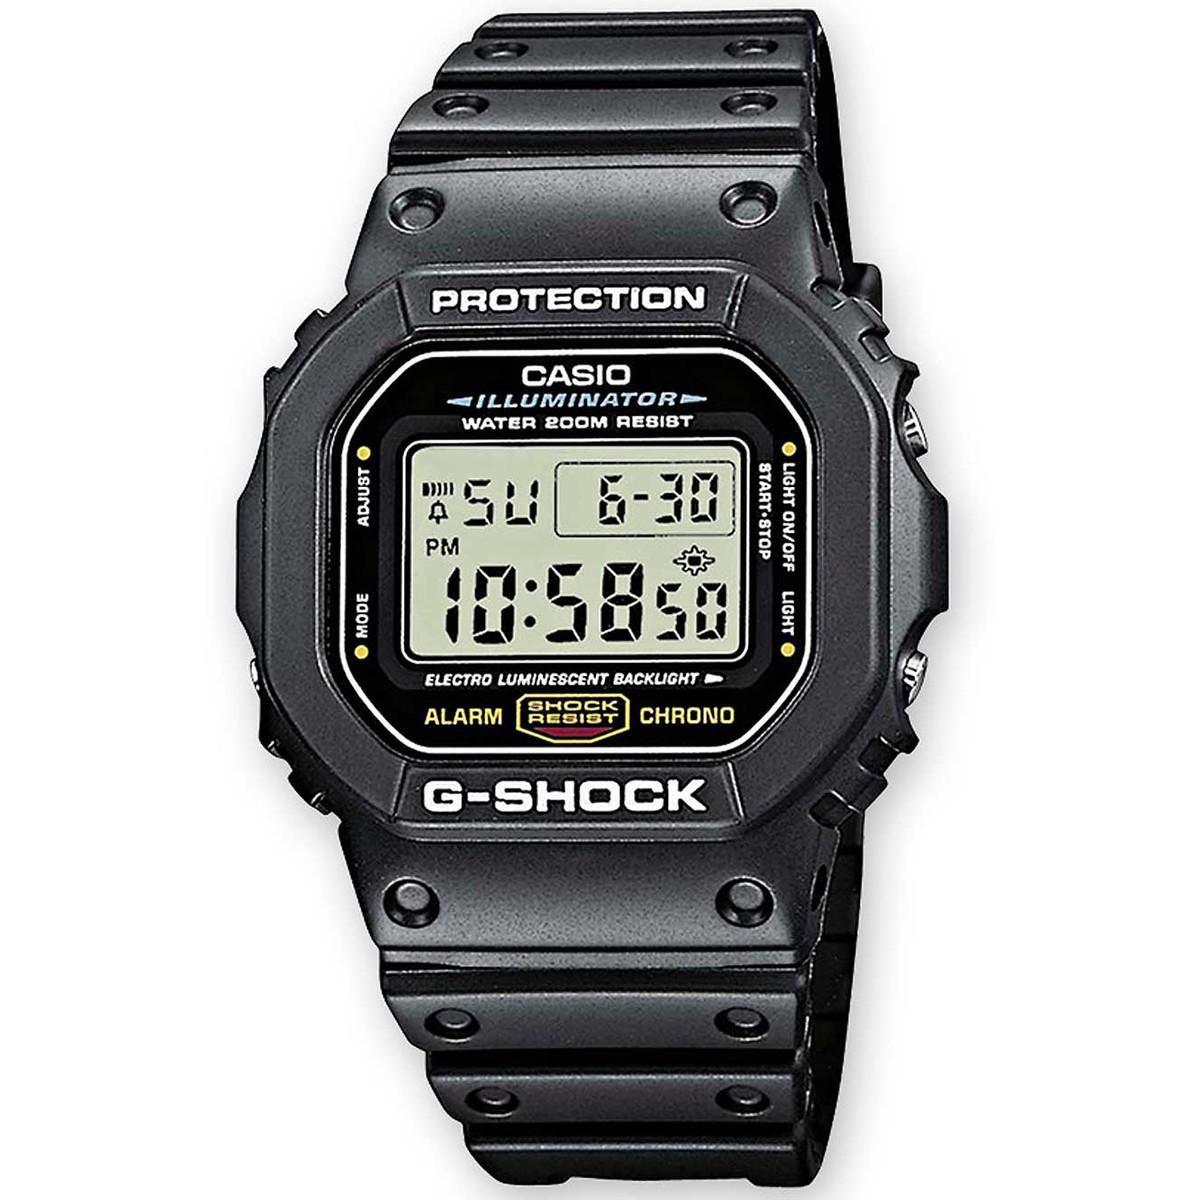 Ceas barbatesc Casio G-Shock DW-5600E-1VER original de mana